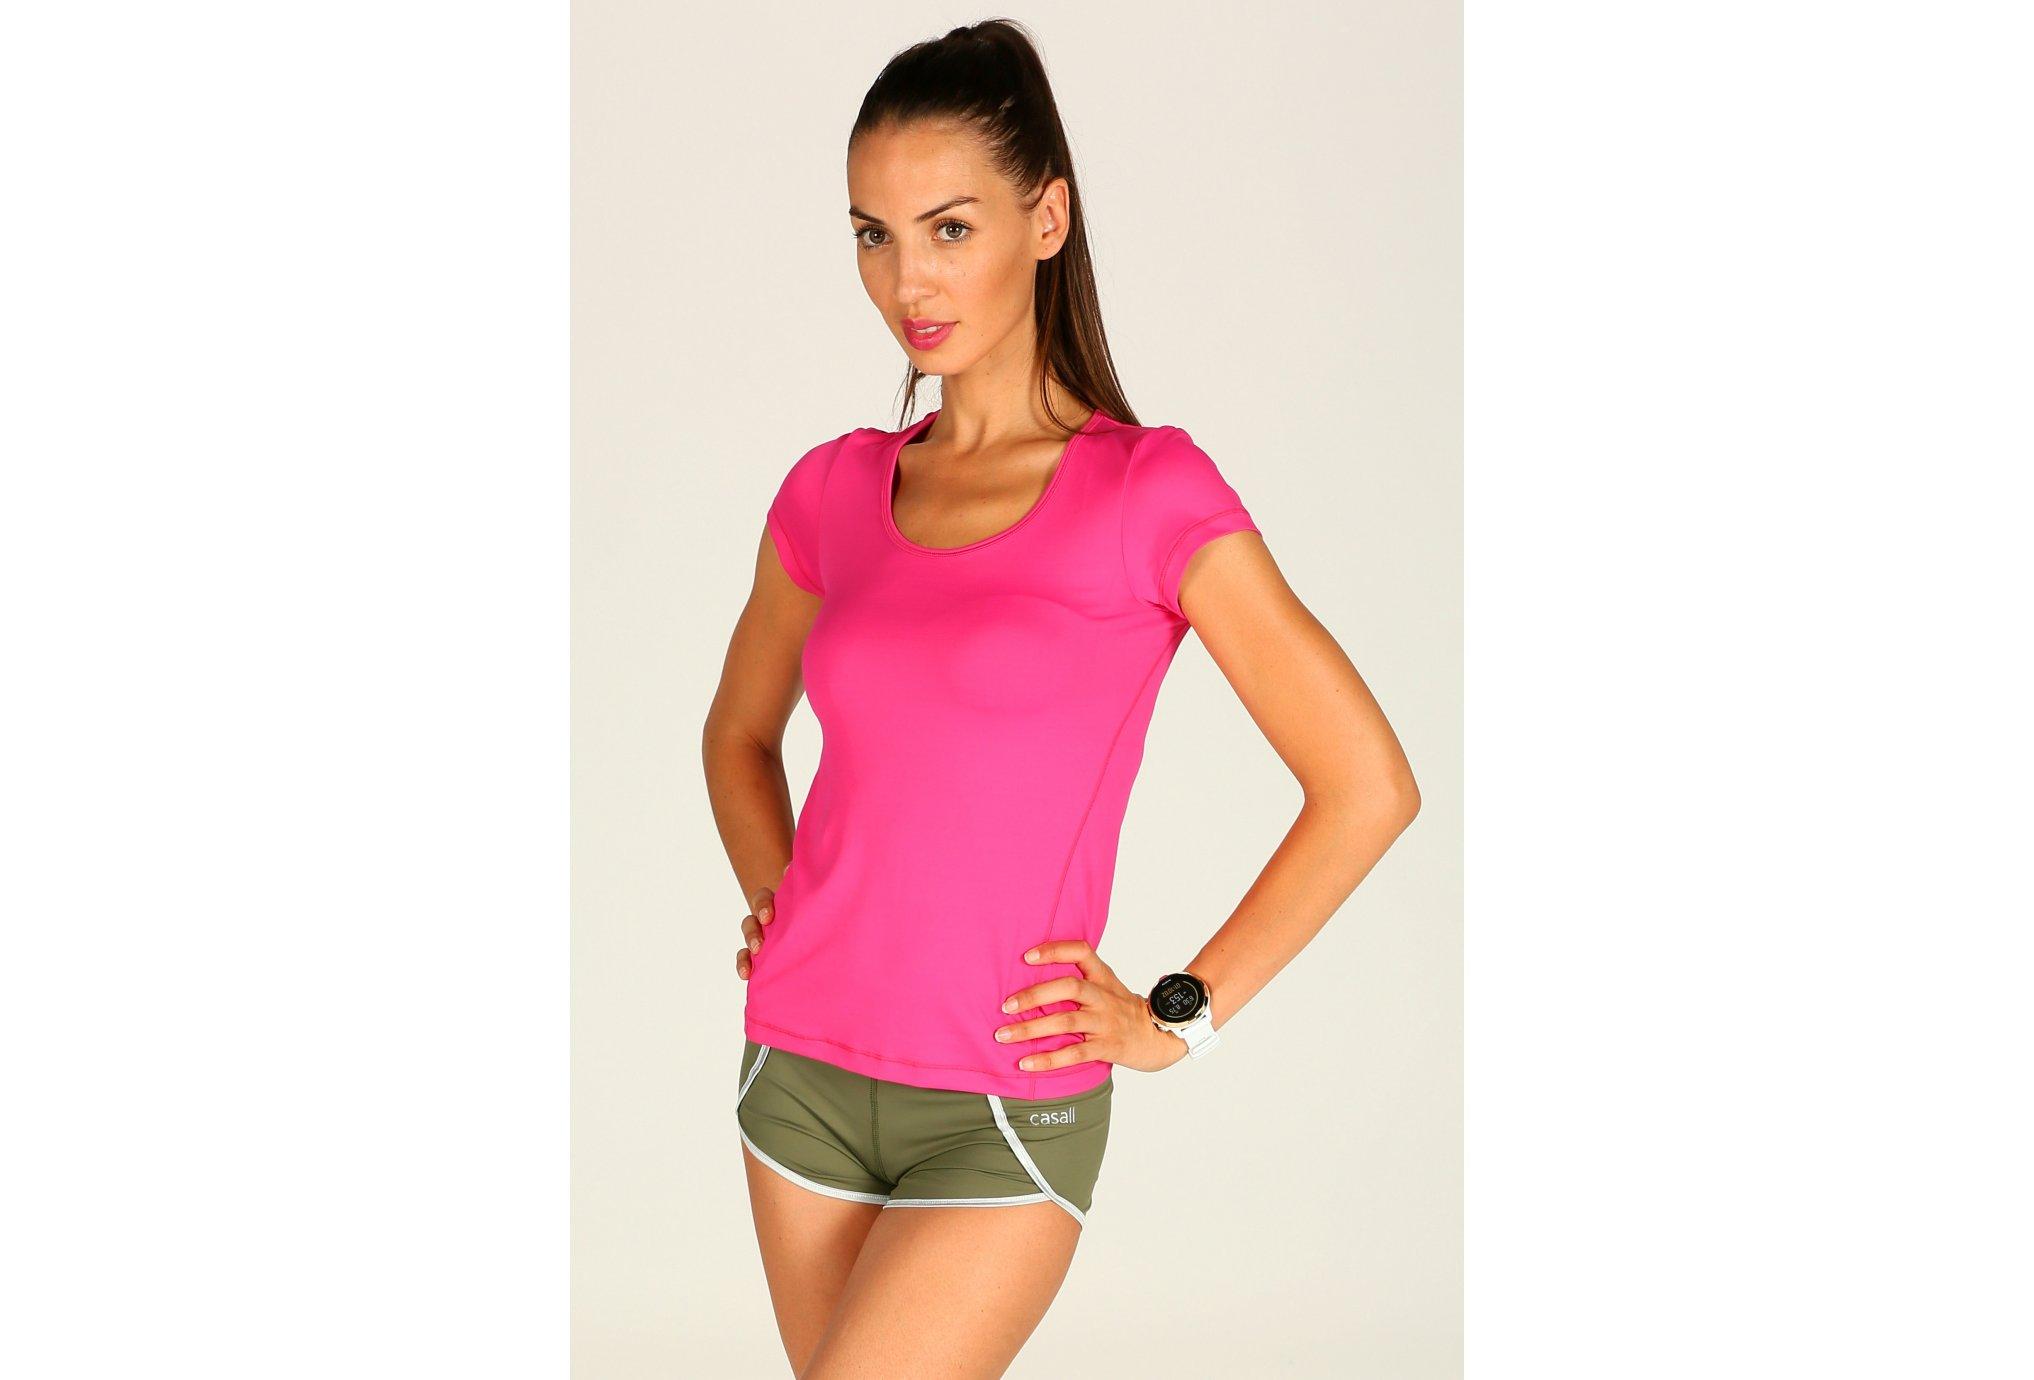 Casall Tee-Shirt essential training w vêtement running femme